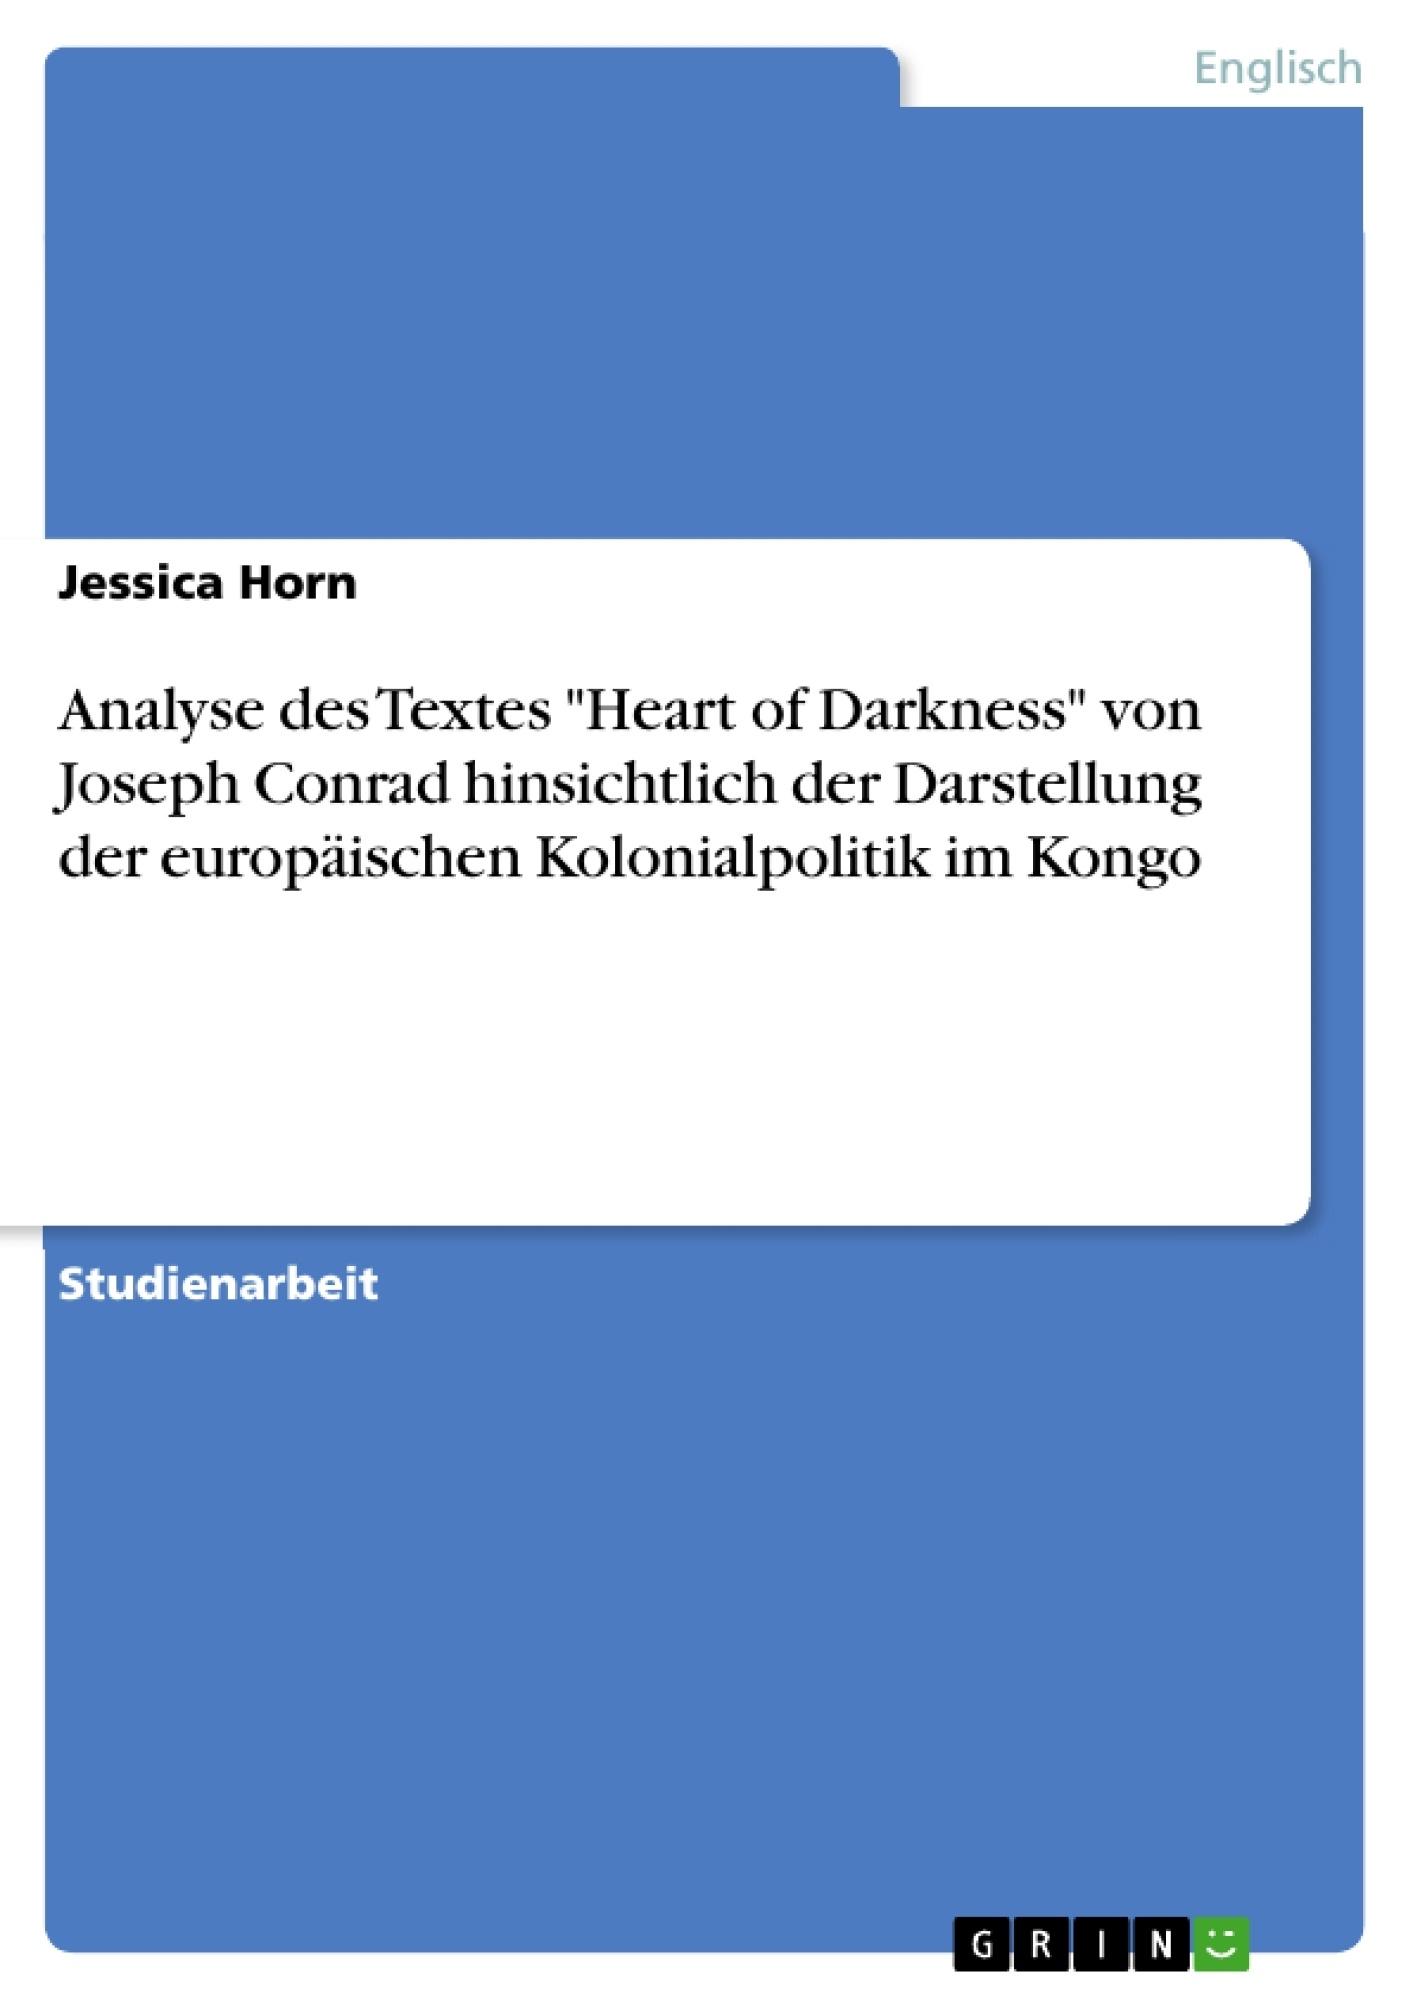 """Titel: Analyse des Textes """"Heart of Darkness"""" von Joseph Conrad hinsichtlich der Darstellung der europäischen Kolonialpolitik im Kongo"""